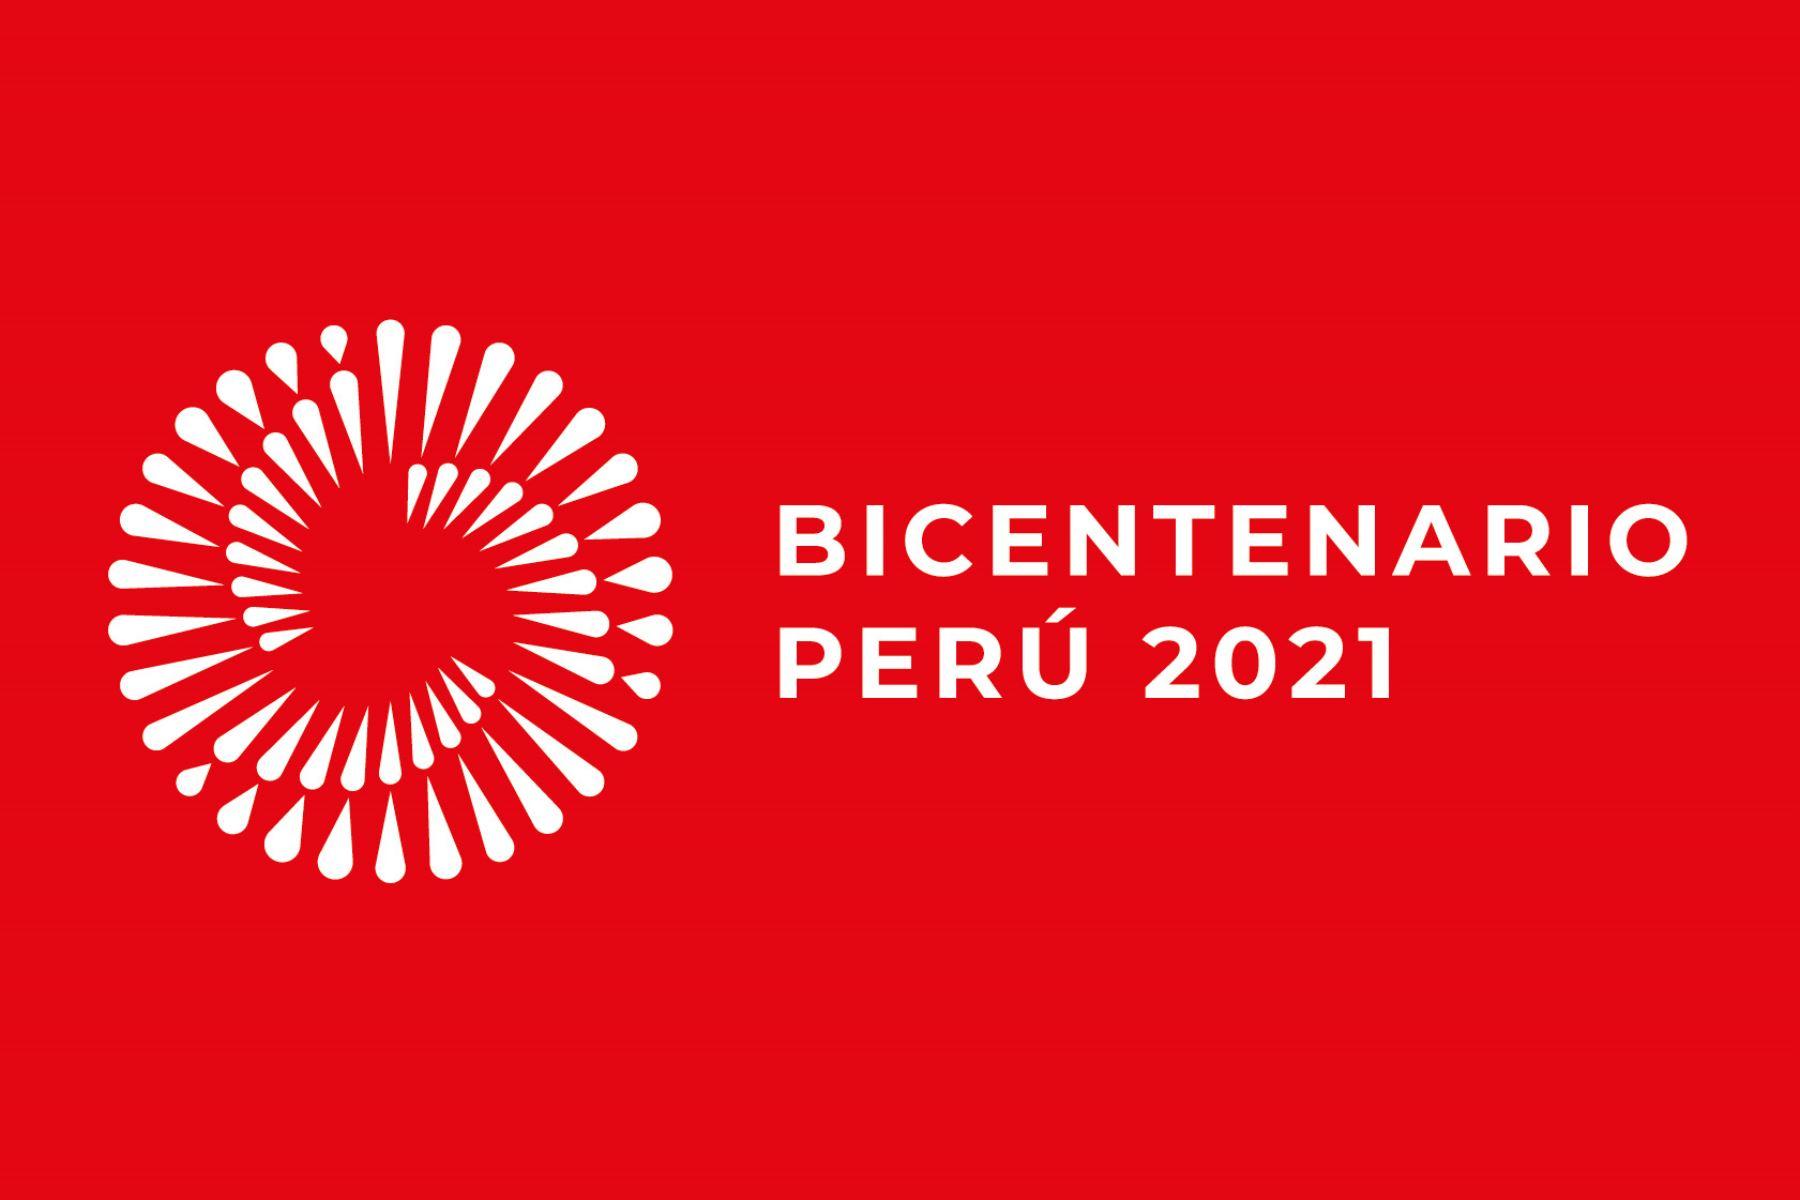 Ministros de Estado presidirán actividades por el lanzamiento de la Agenda del Bicentenario desde diversas regiones.